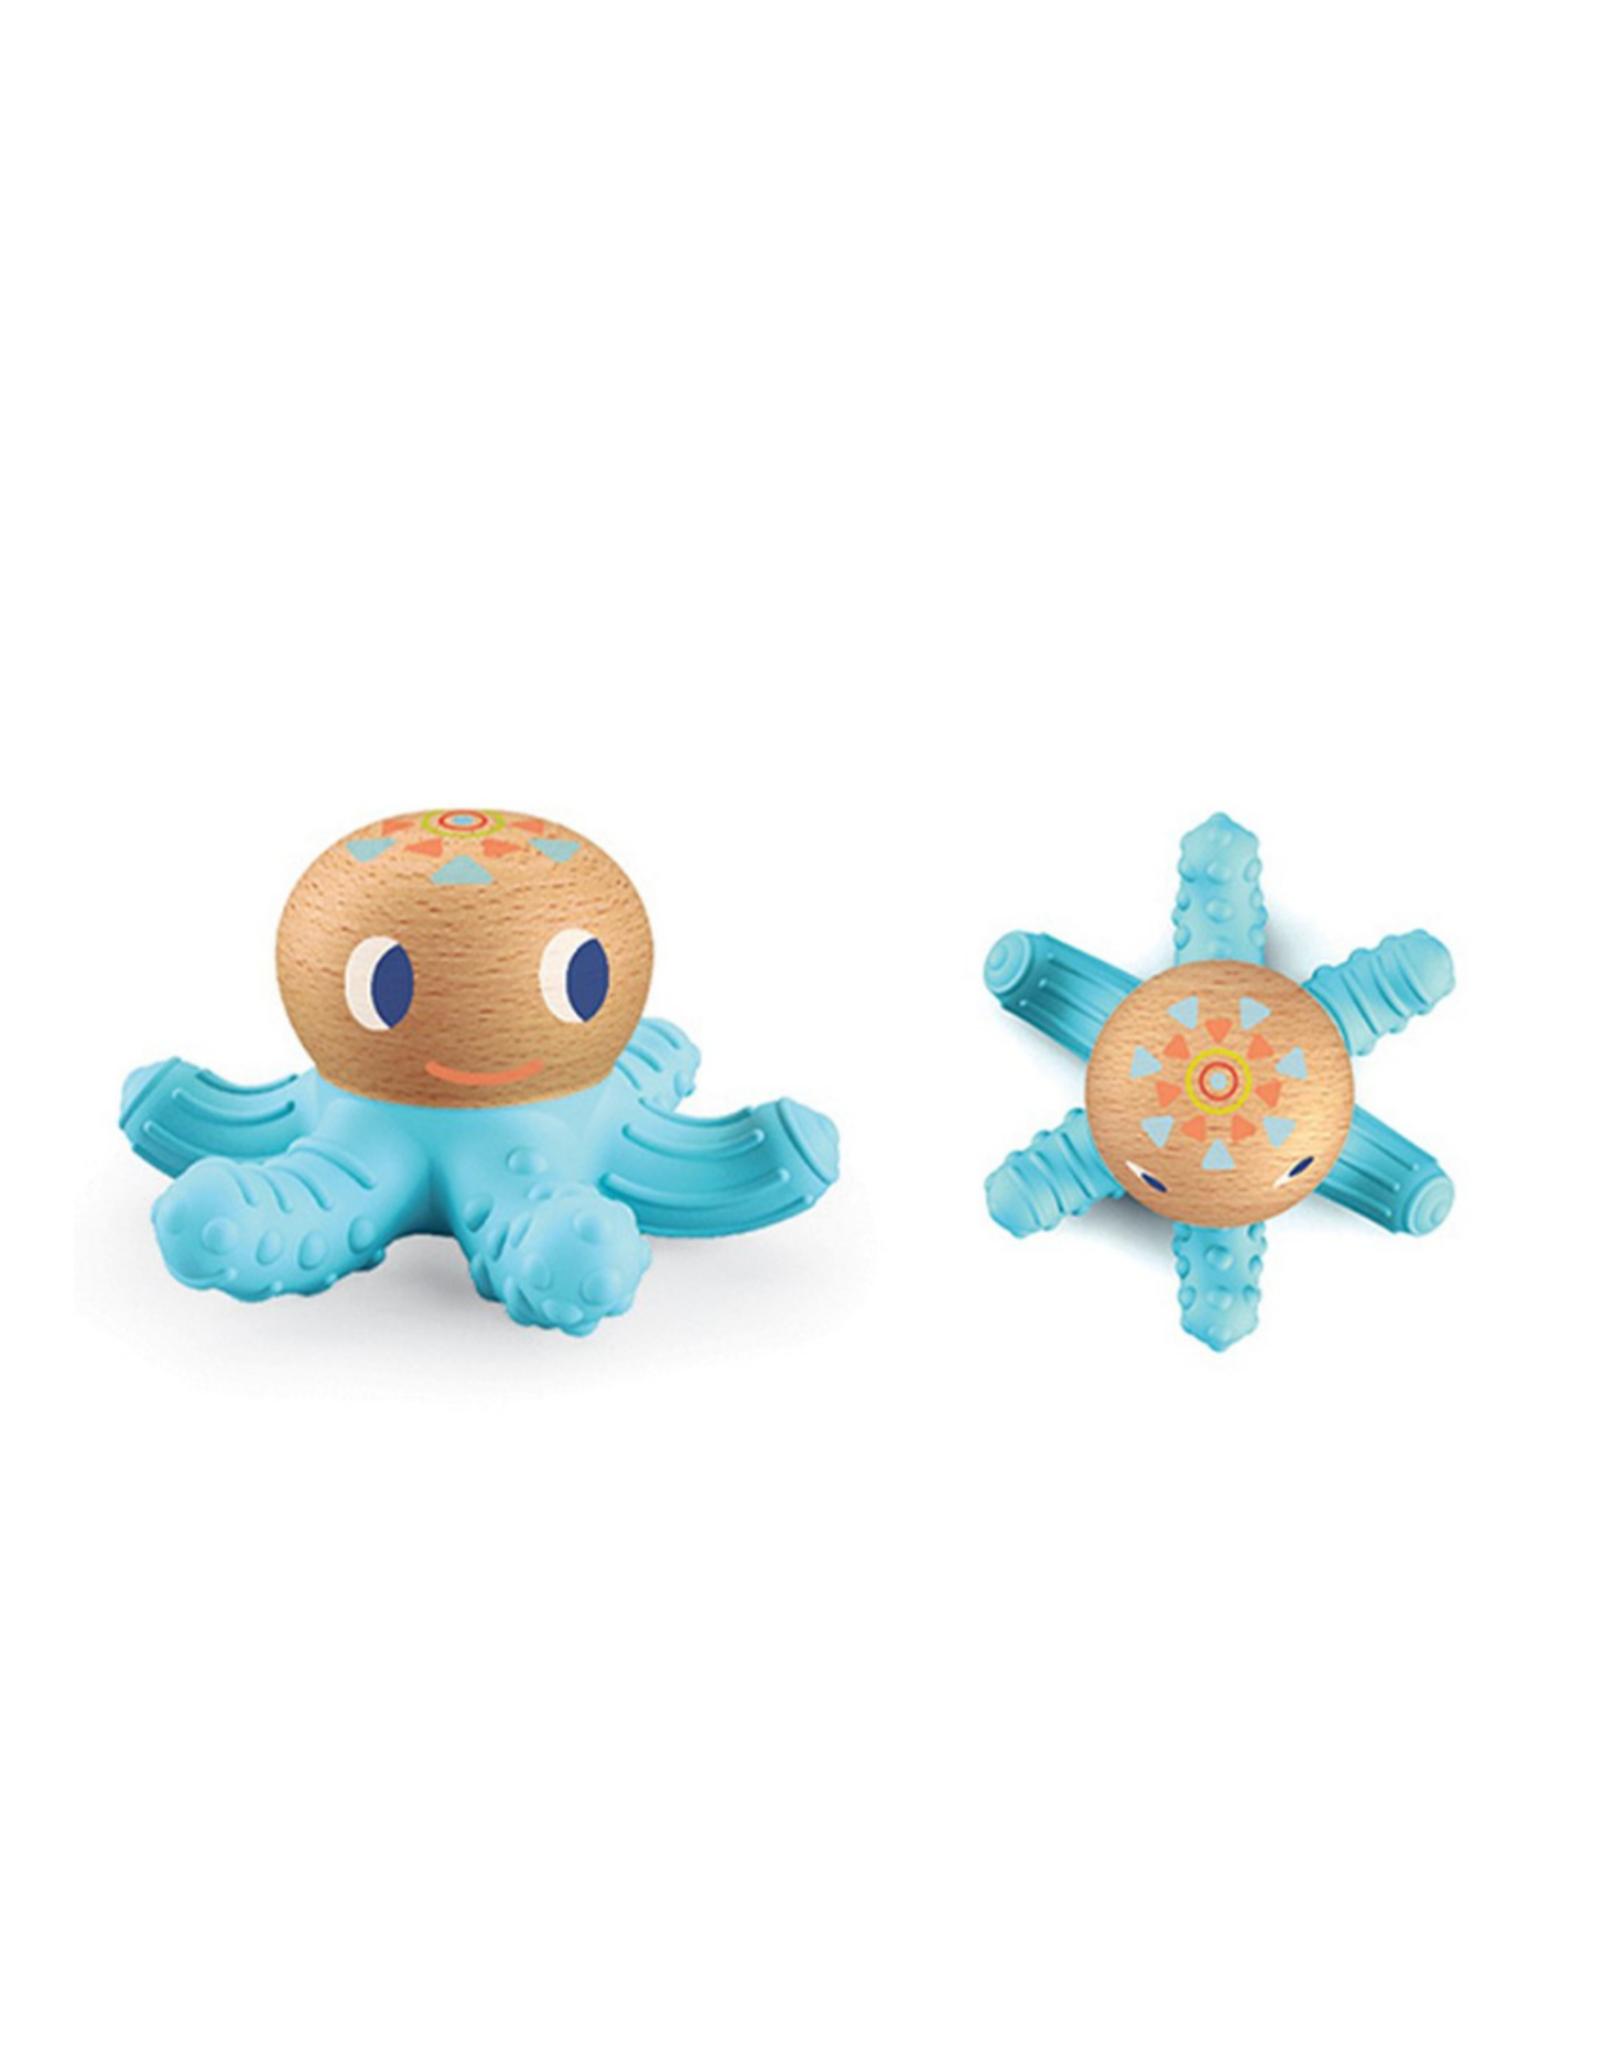 Djeco BabySquidi Infant Teether